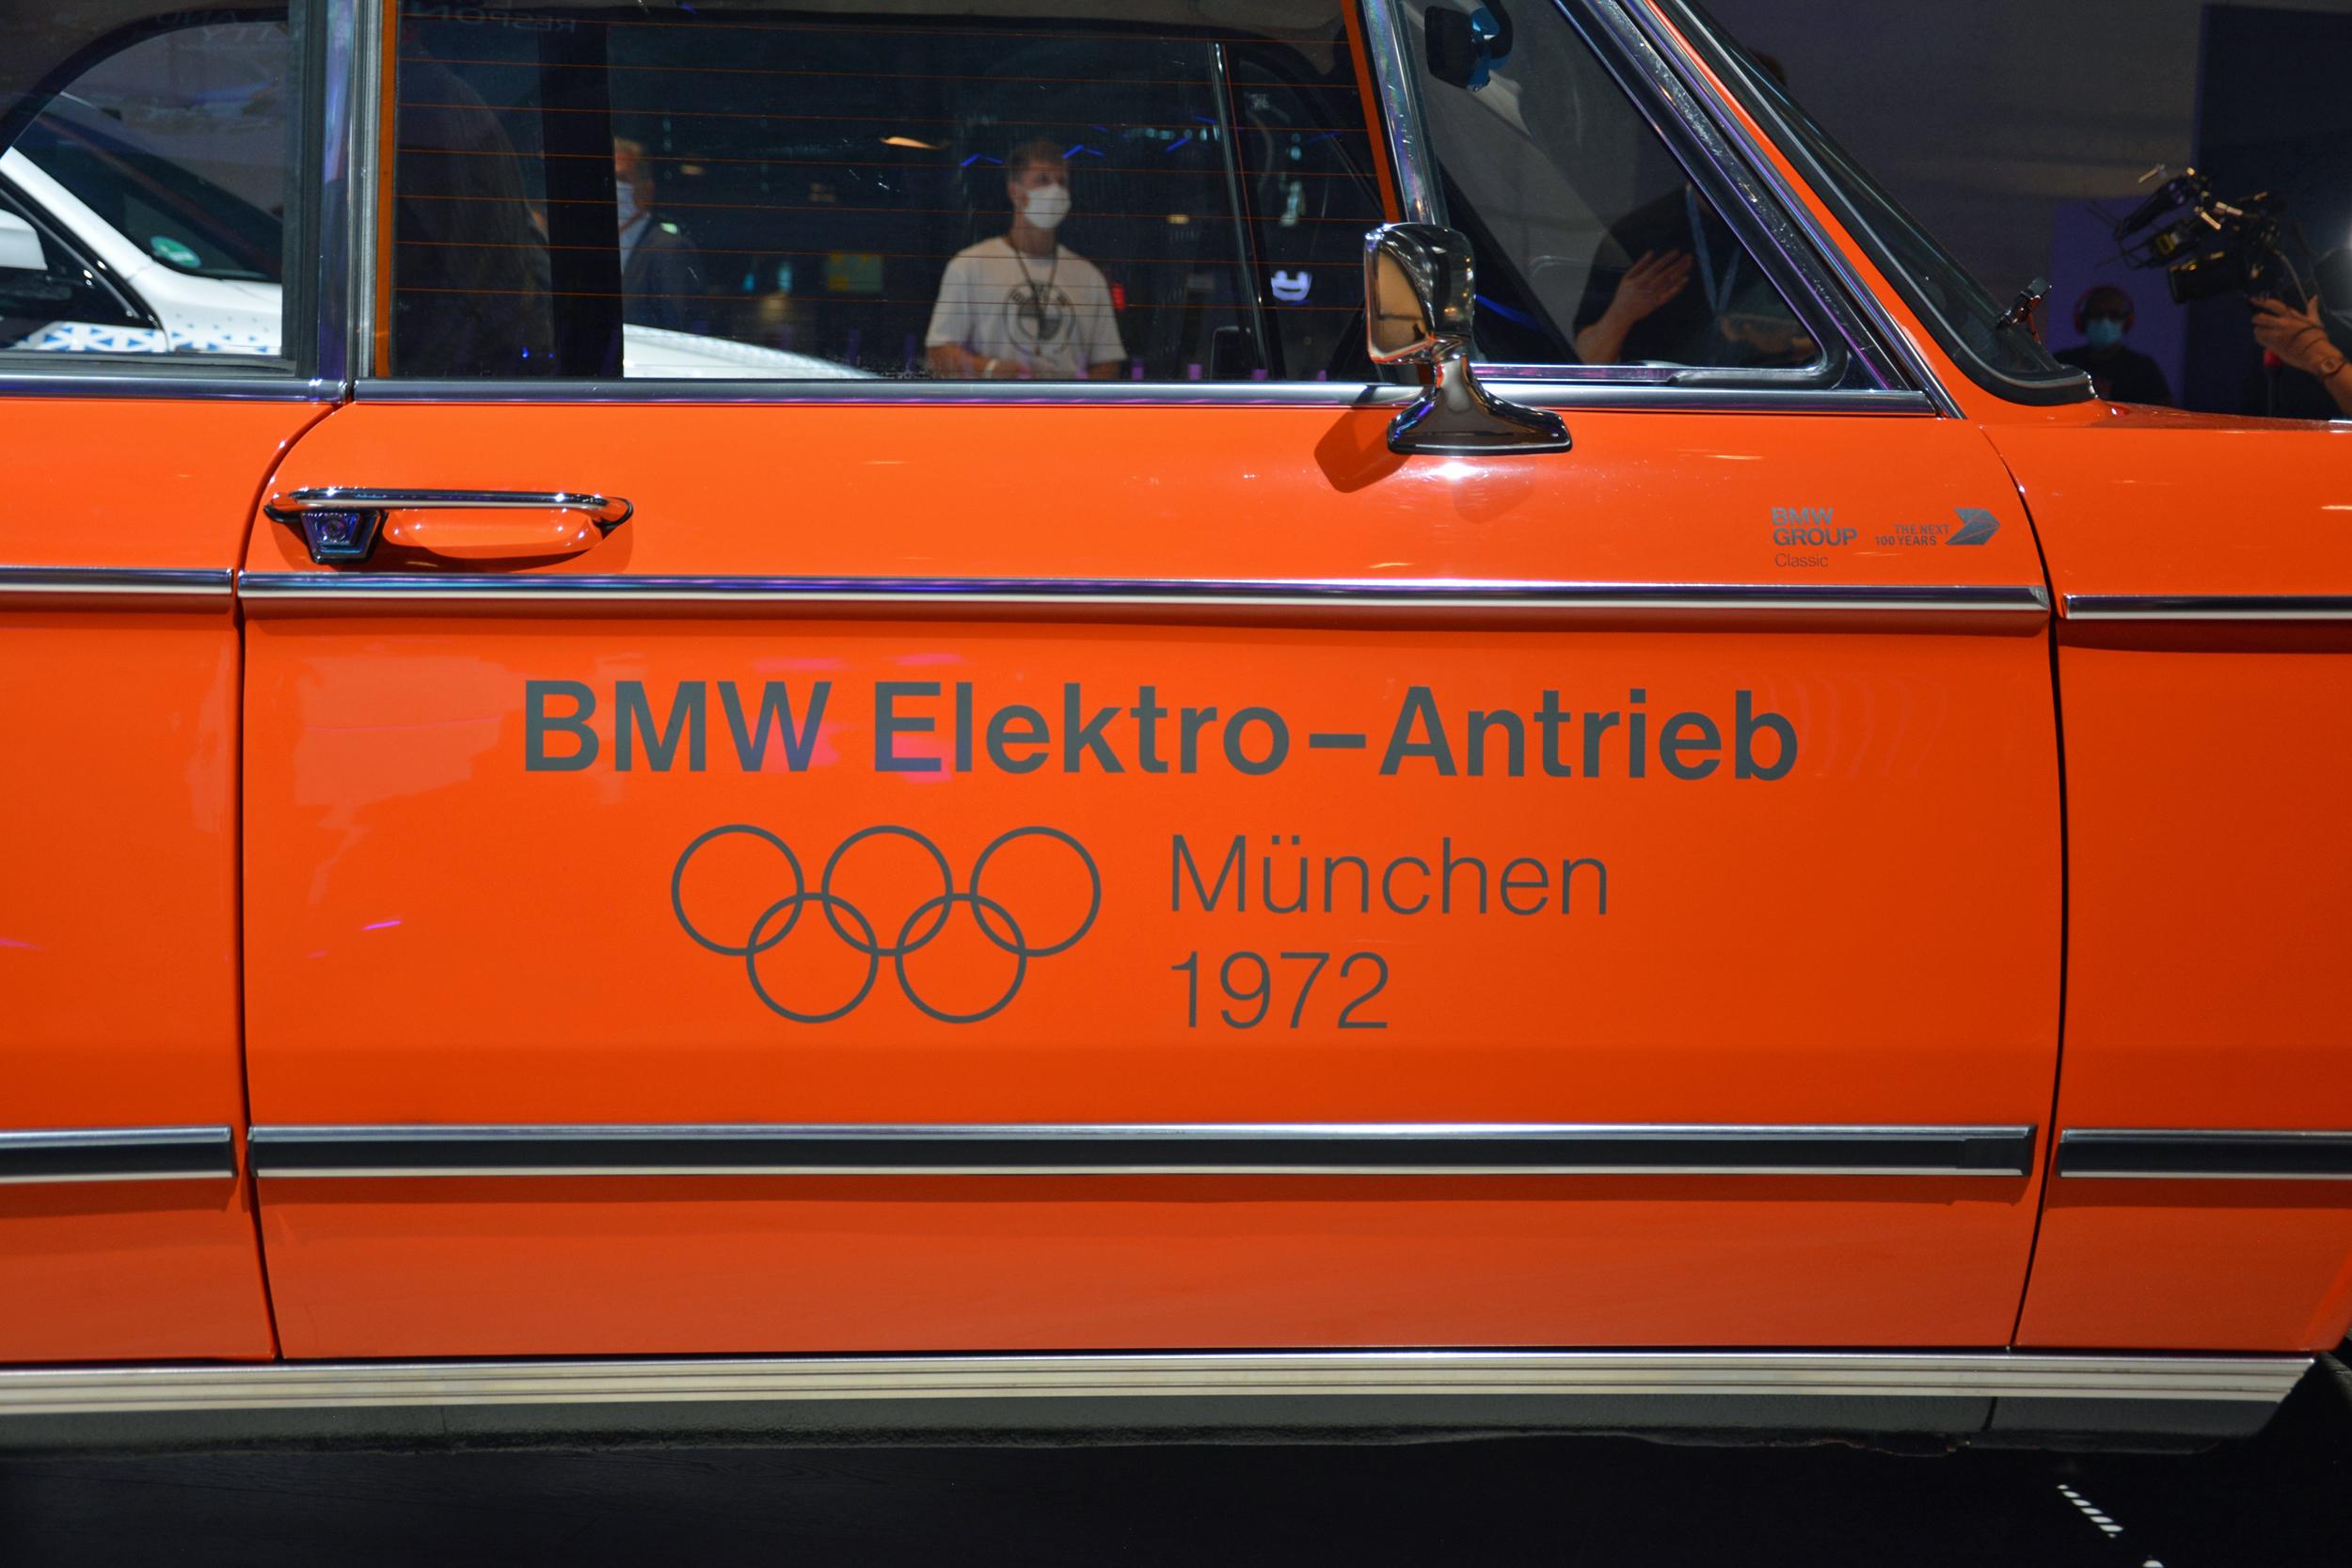 1972 BMW 1602 electric car door panel graphic